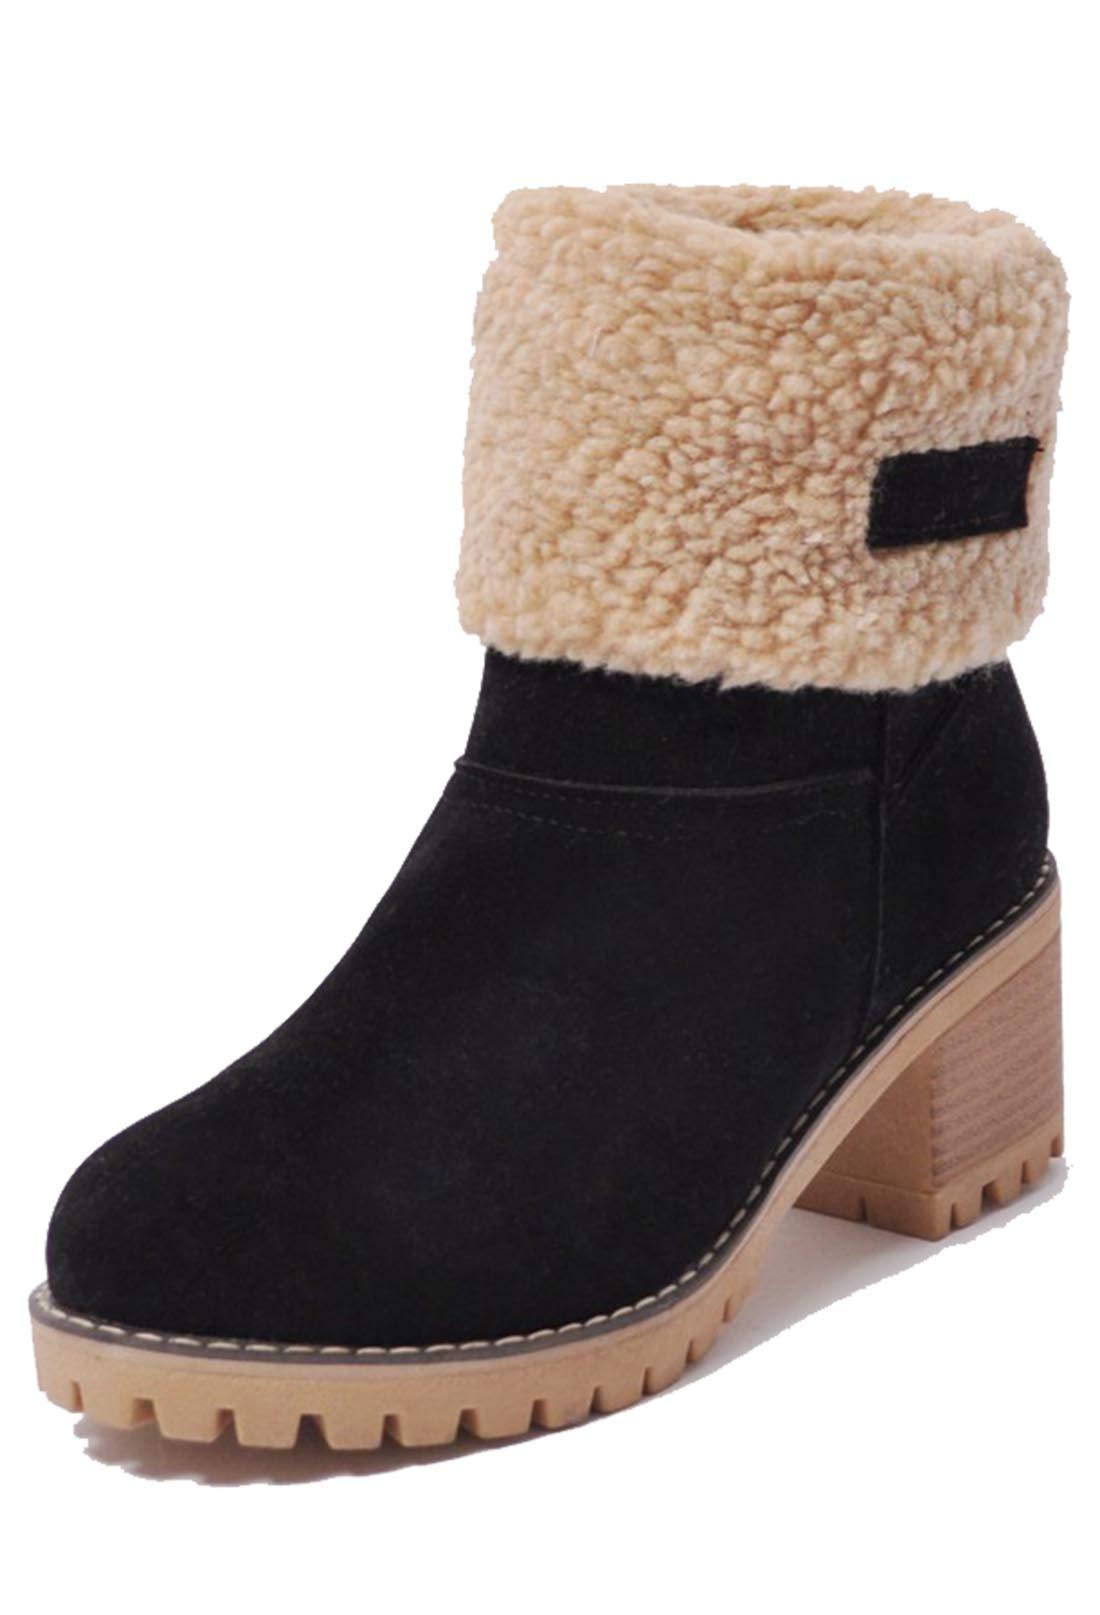 Kssmi Warm Cute Women Winter Snow Ankle Boots Faux Fur Chunky Block Heel Short Booties